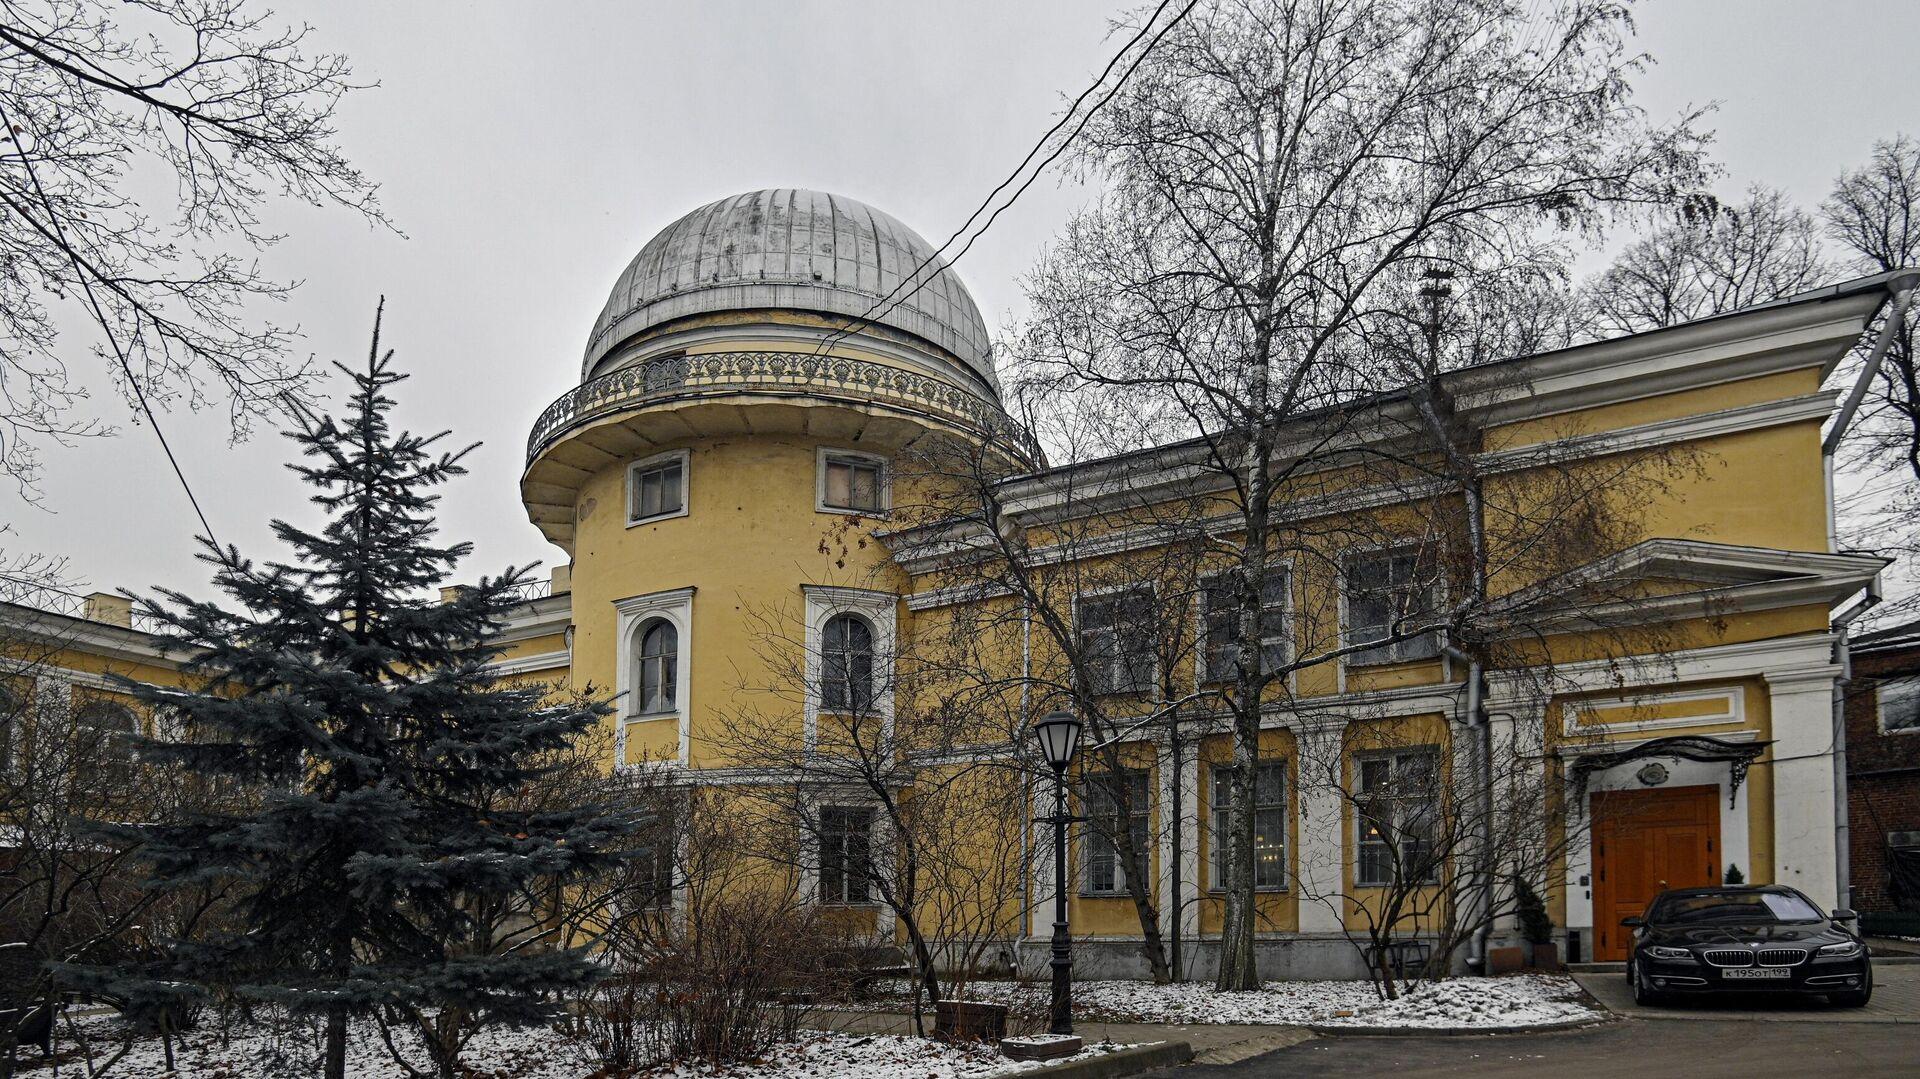 Ремонт самого старого деревянного дома Москвы  - РИА Новости, 1920, 22.03.2021